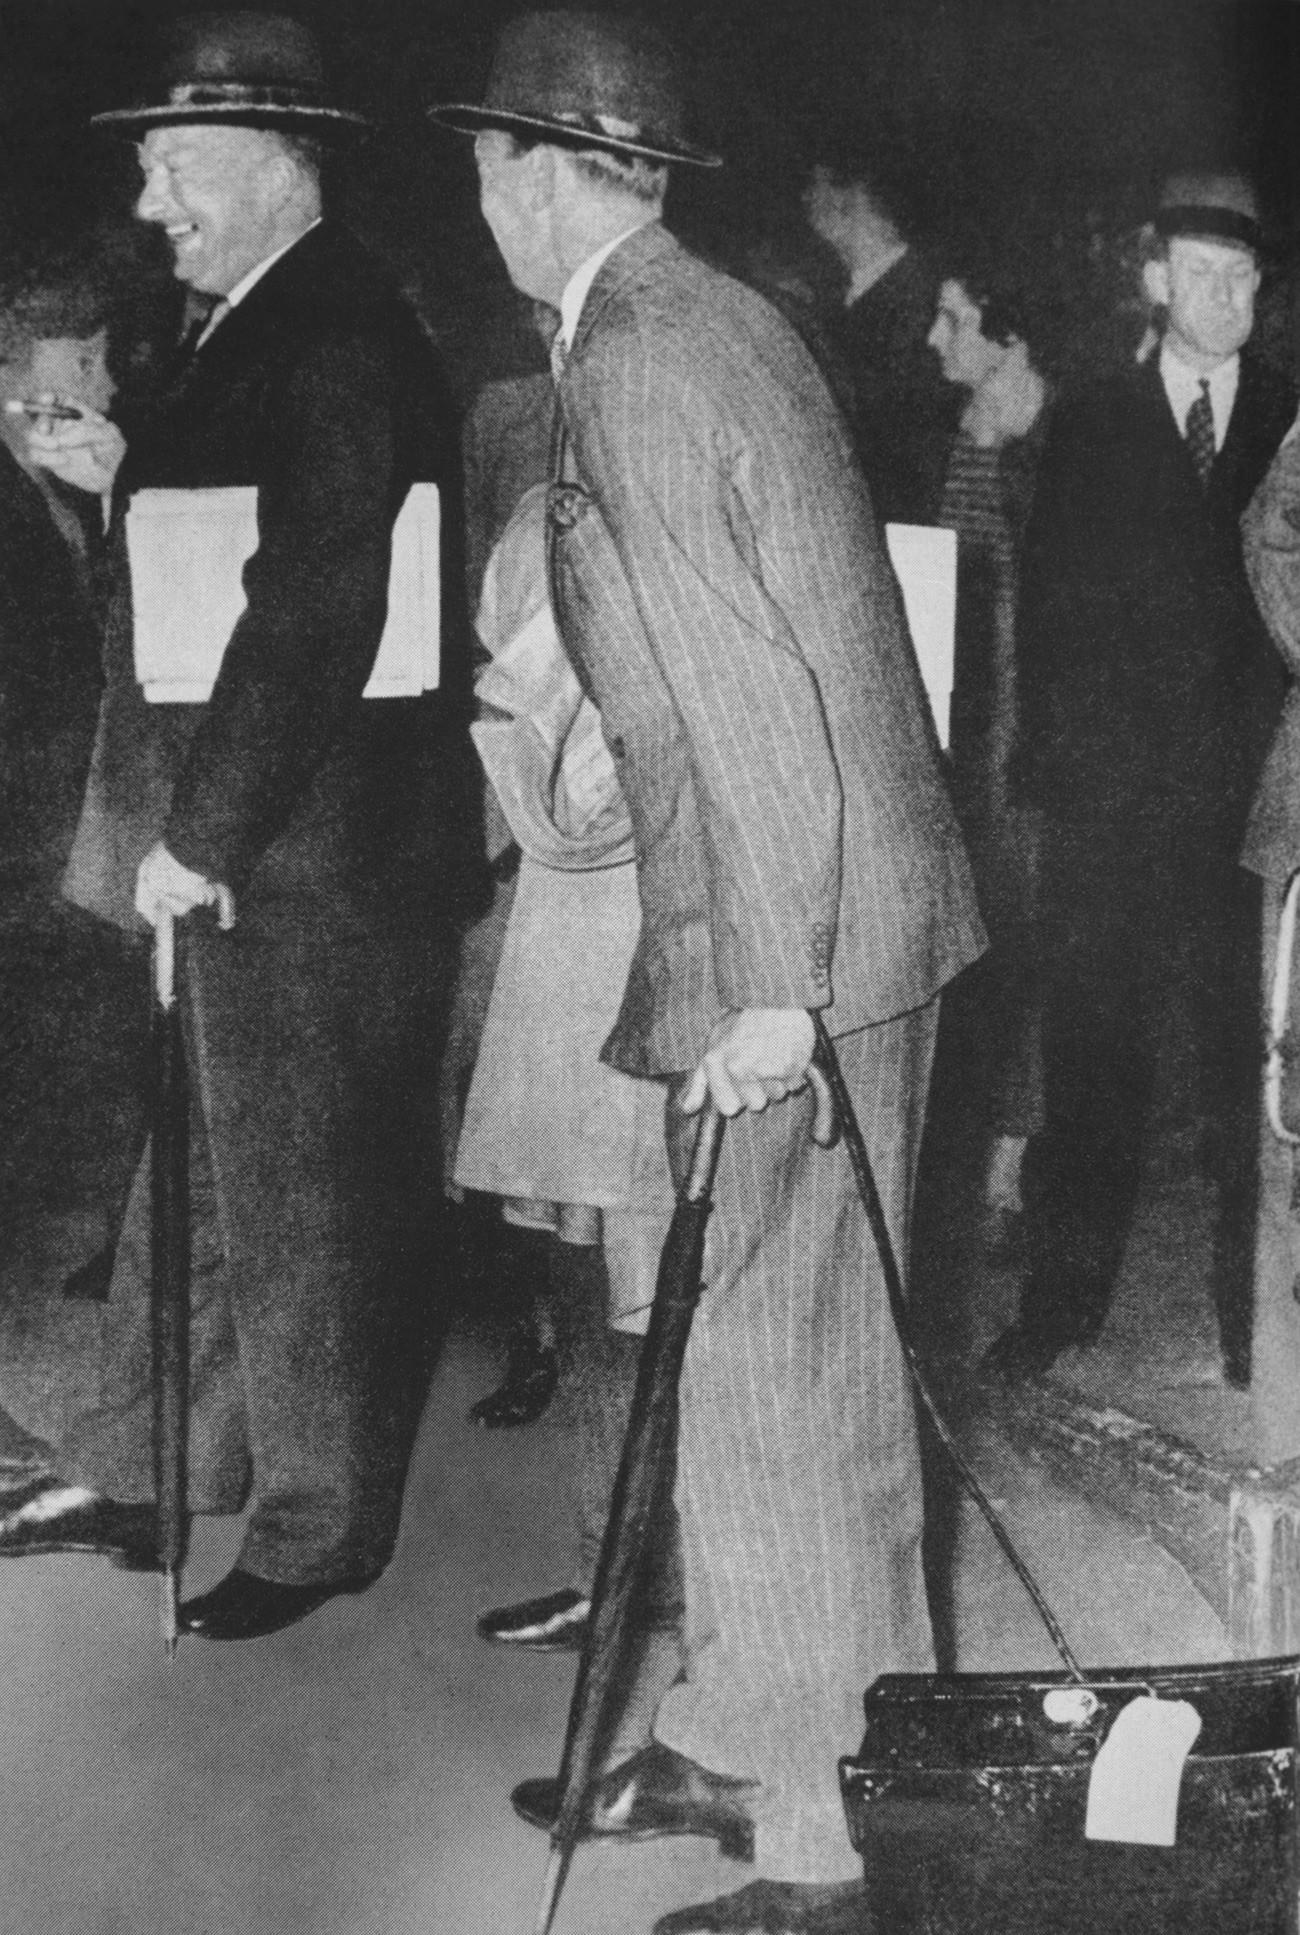 Almirante Reginald Drax e o general Aimé Doumenc em Moscou